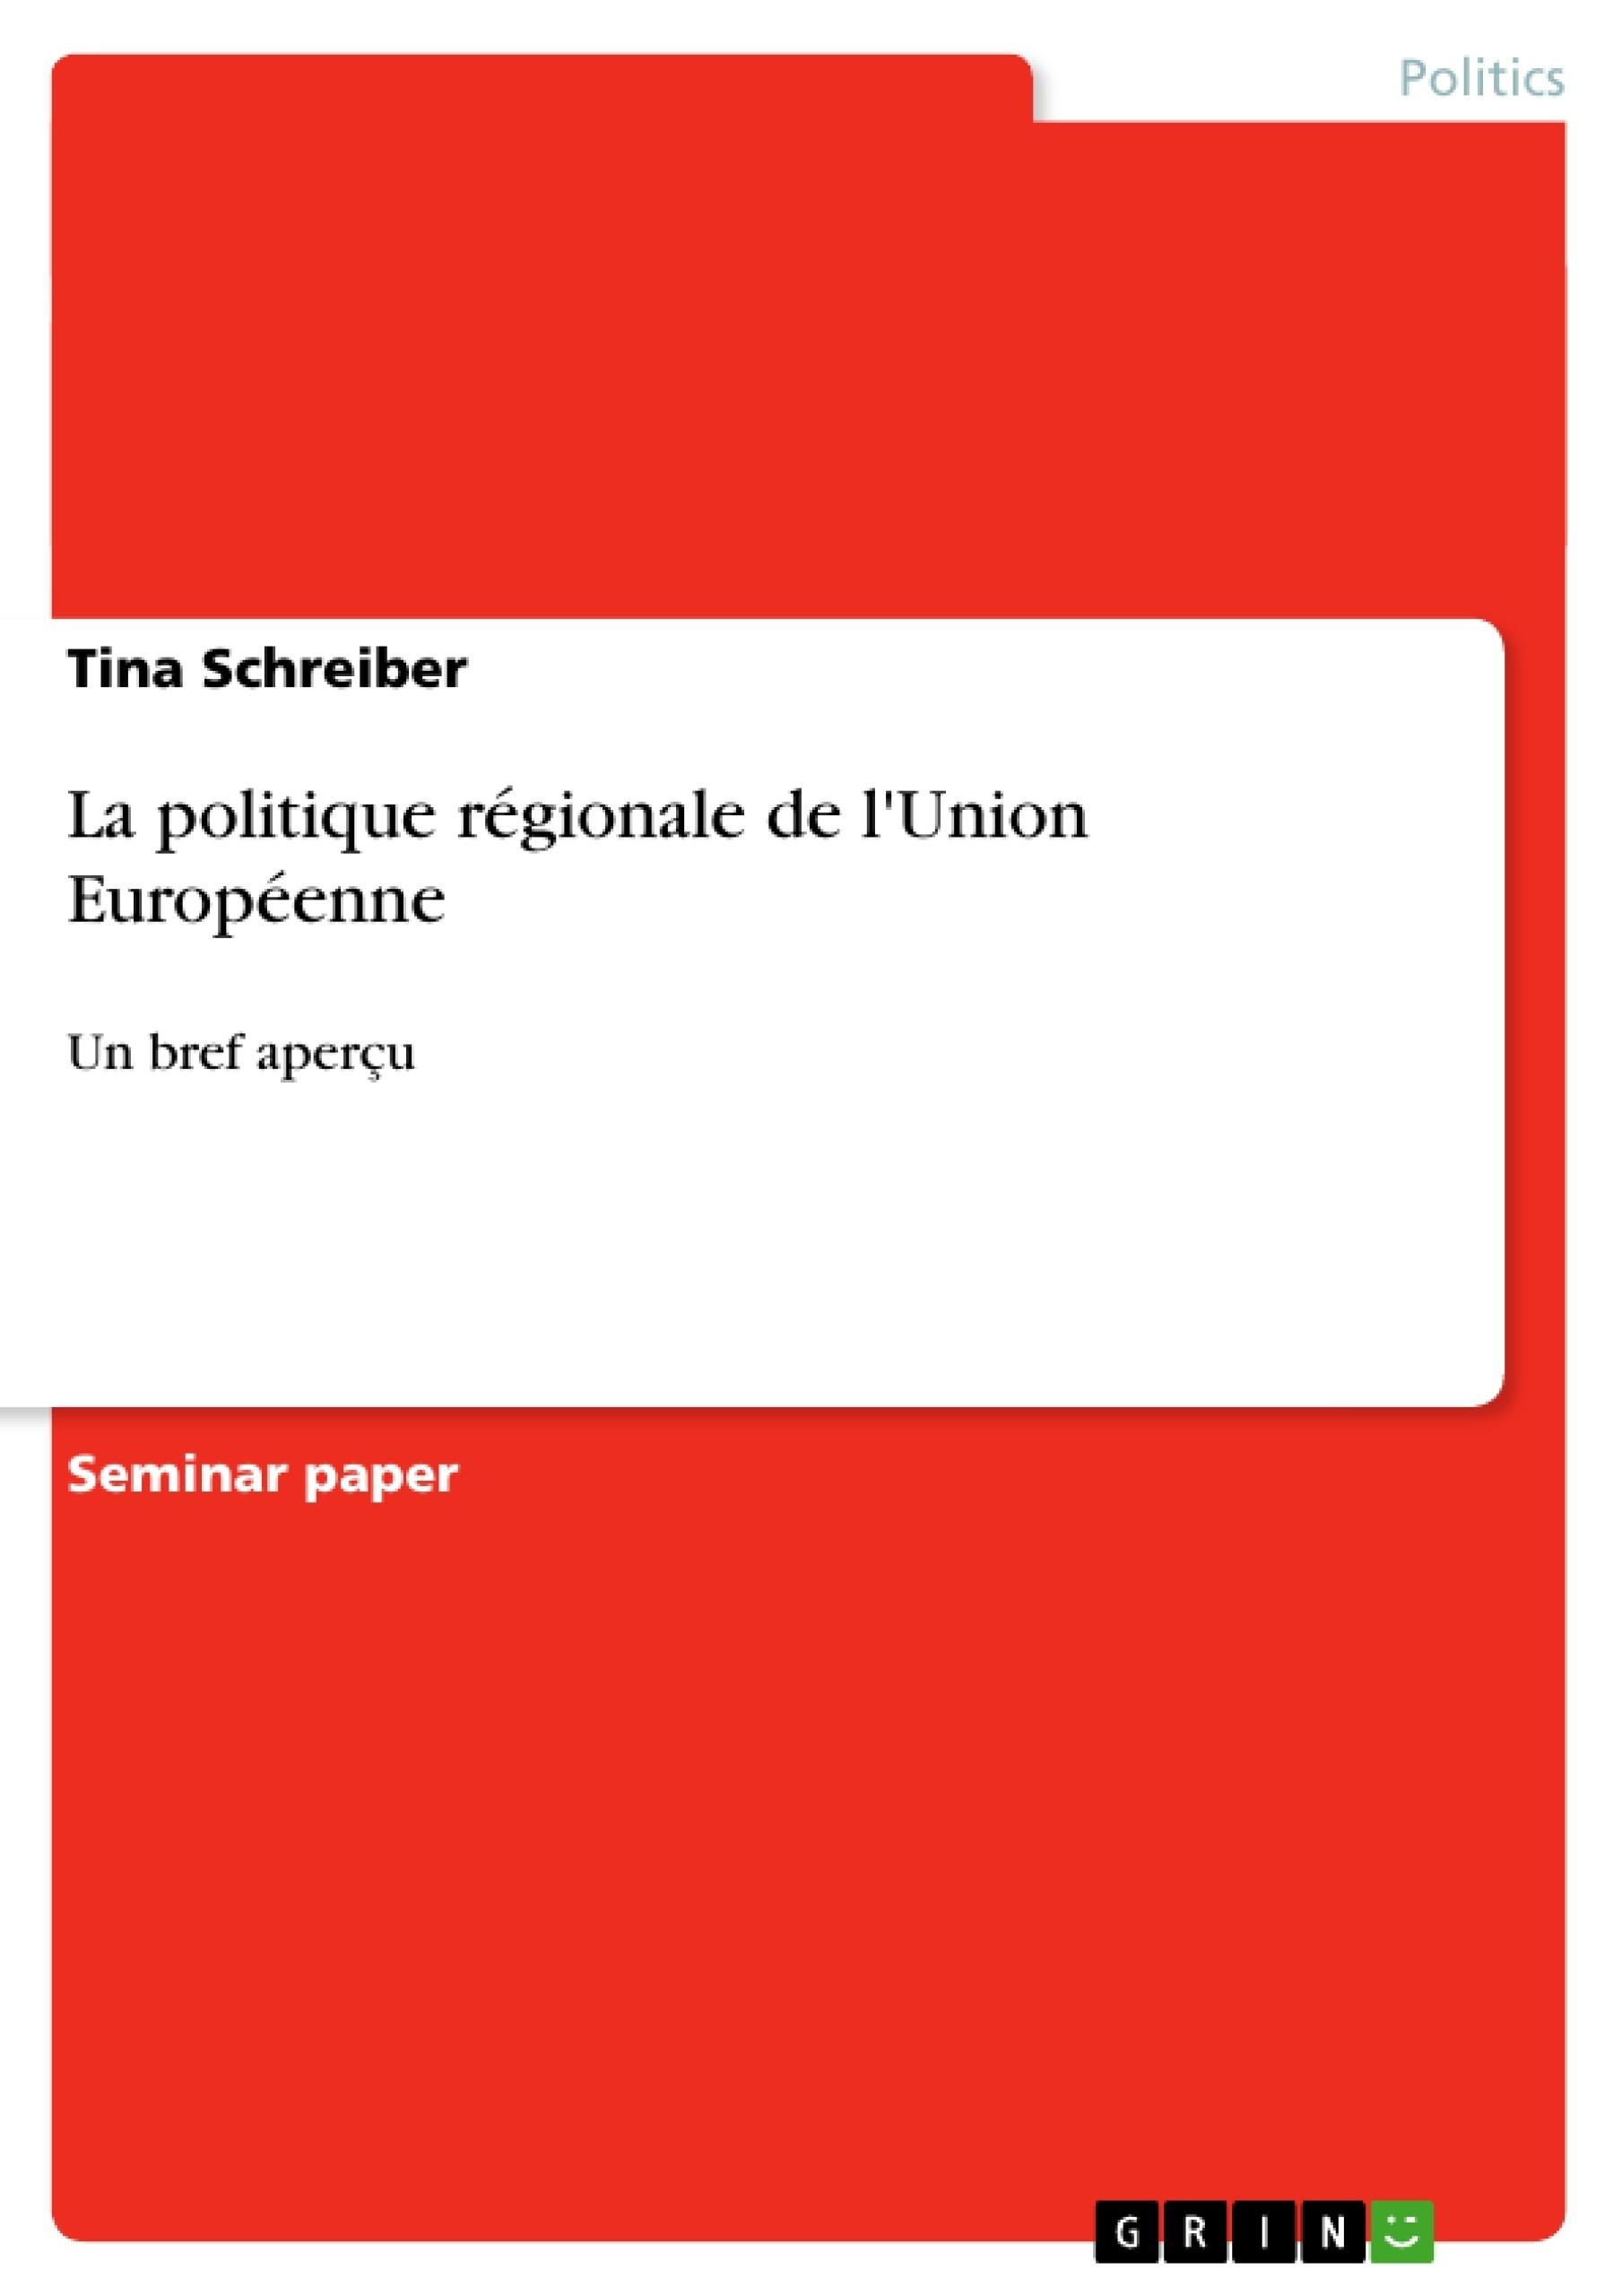 Titre: La politique régionale de l'Union Européenne